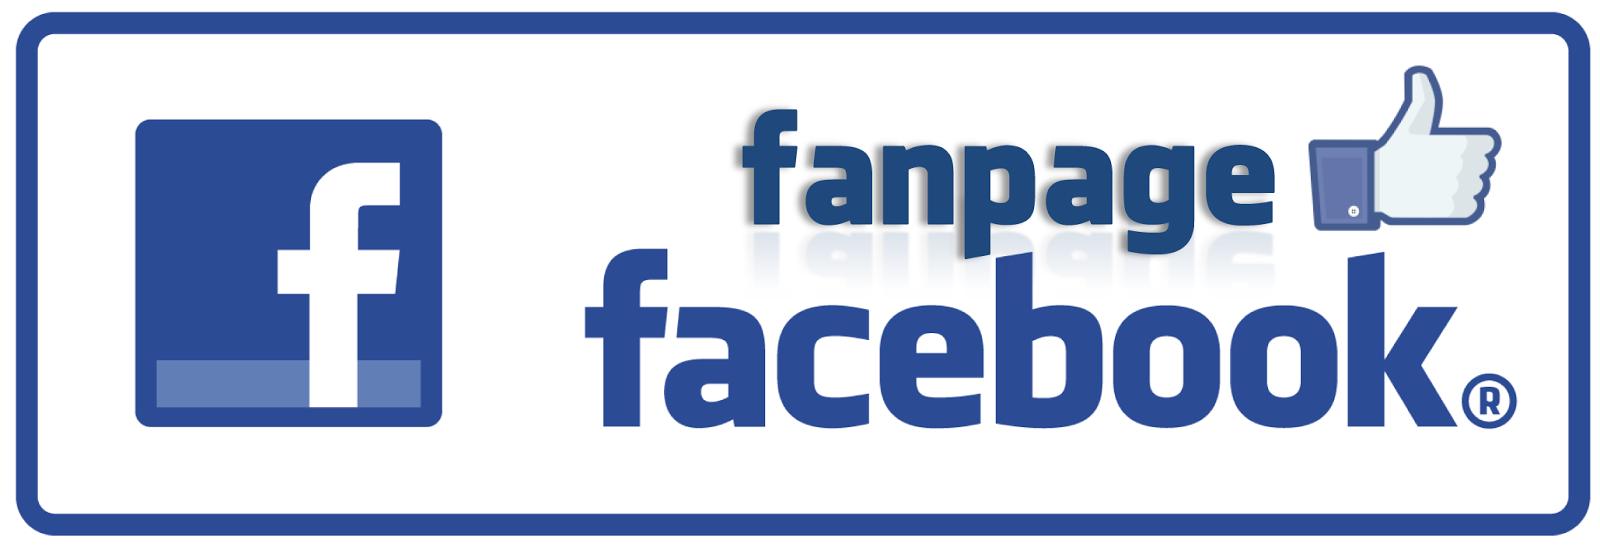 Cara Promosi Fanpage Facebook Tanpa Biaya yang Bisa Dilakukan Sekarang Juga